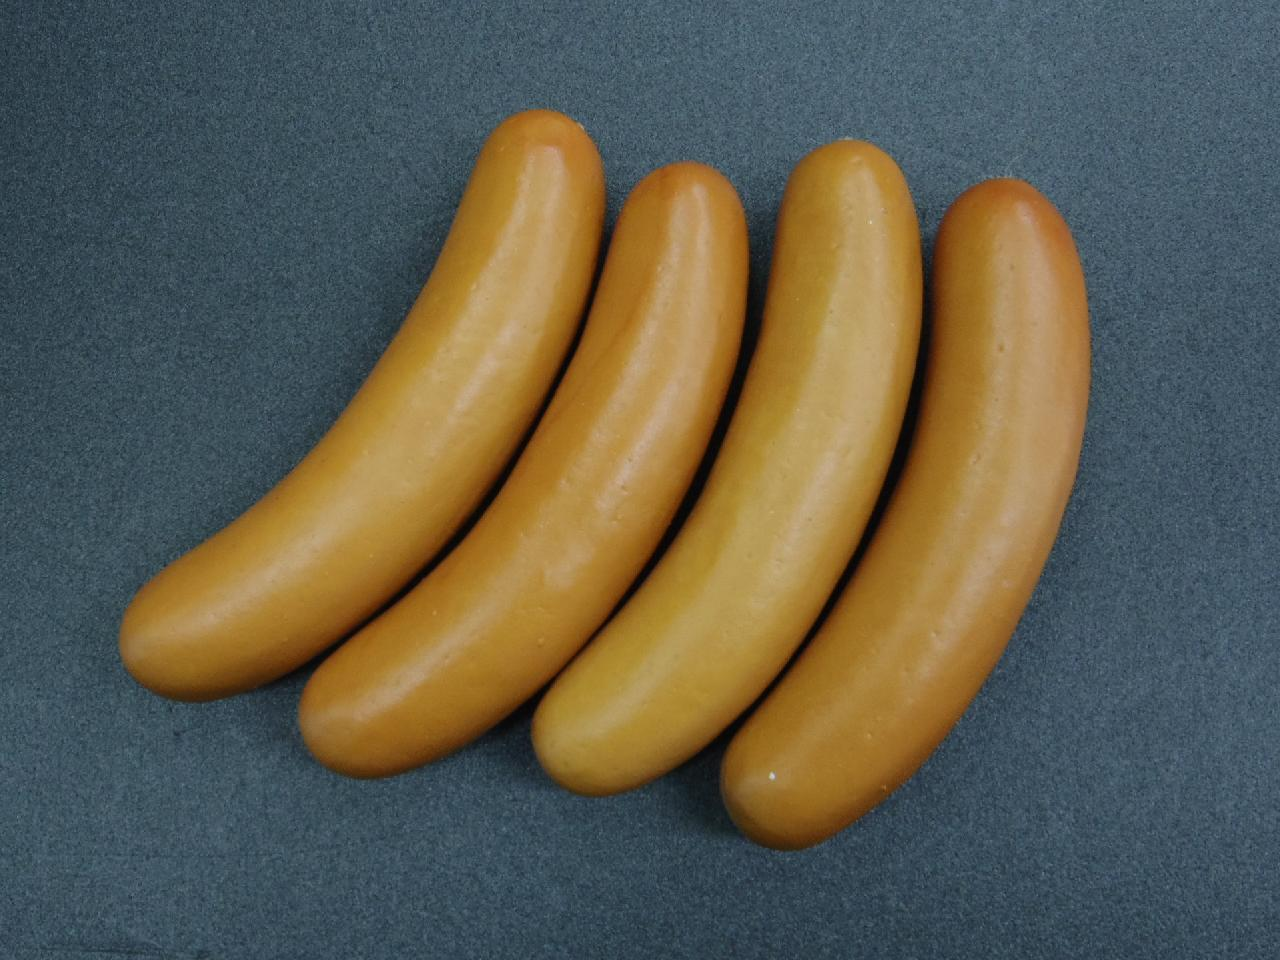 食品ディスプレイ肉(14cmフランクフルト)4本スチロール製